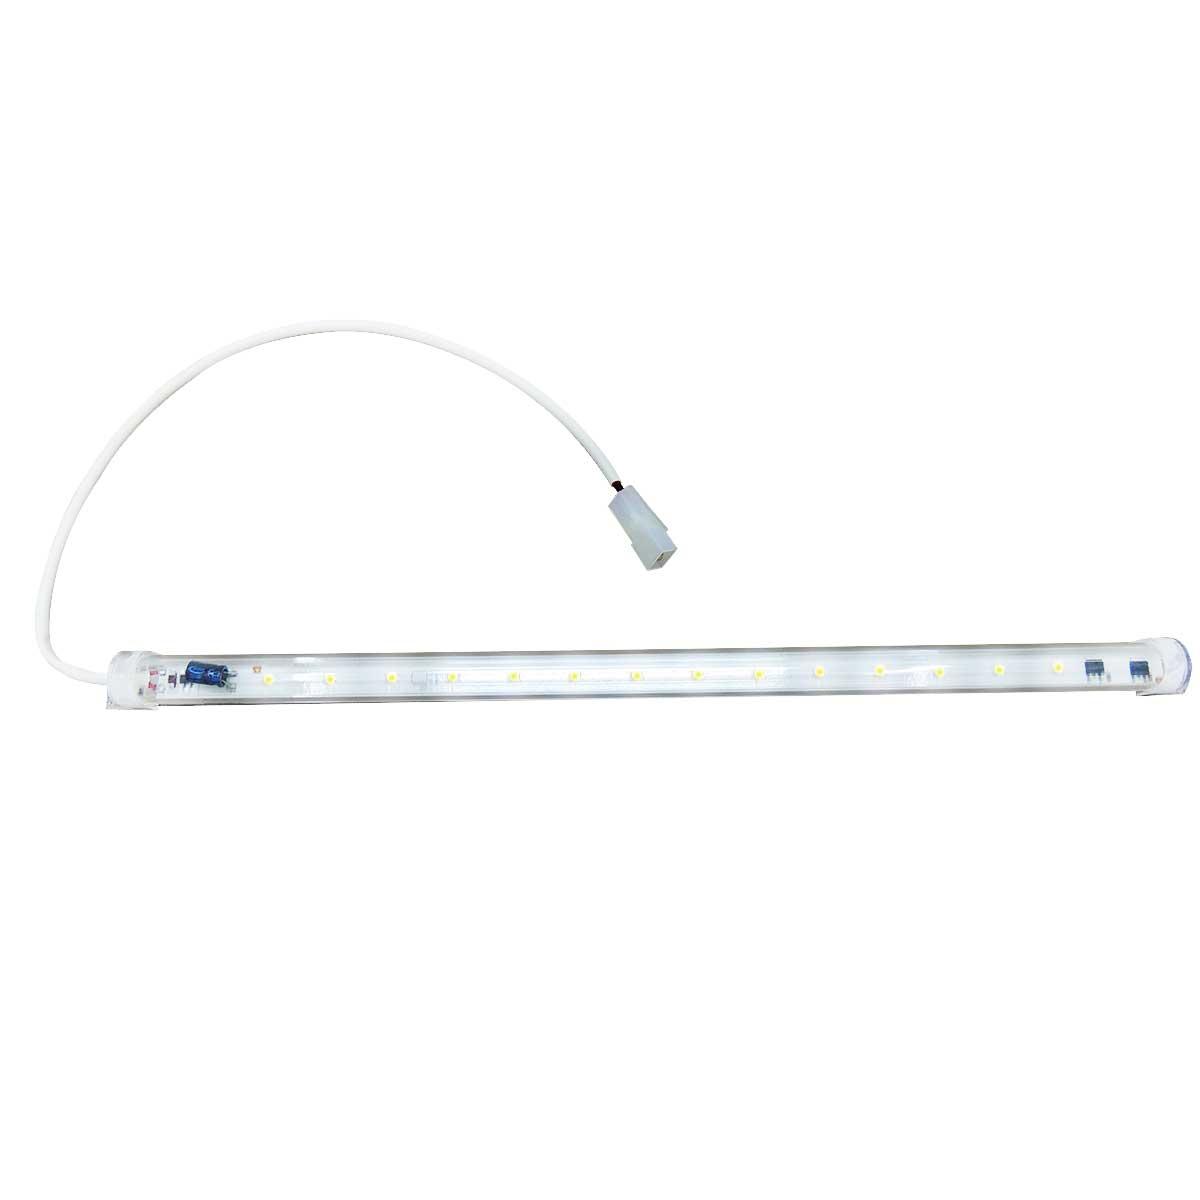 Régua Tubolar de LED universal Para Cervejeira Metalfrio Gelopar 127V 42CM 8W 14LEDS 20600385